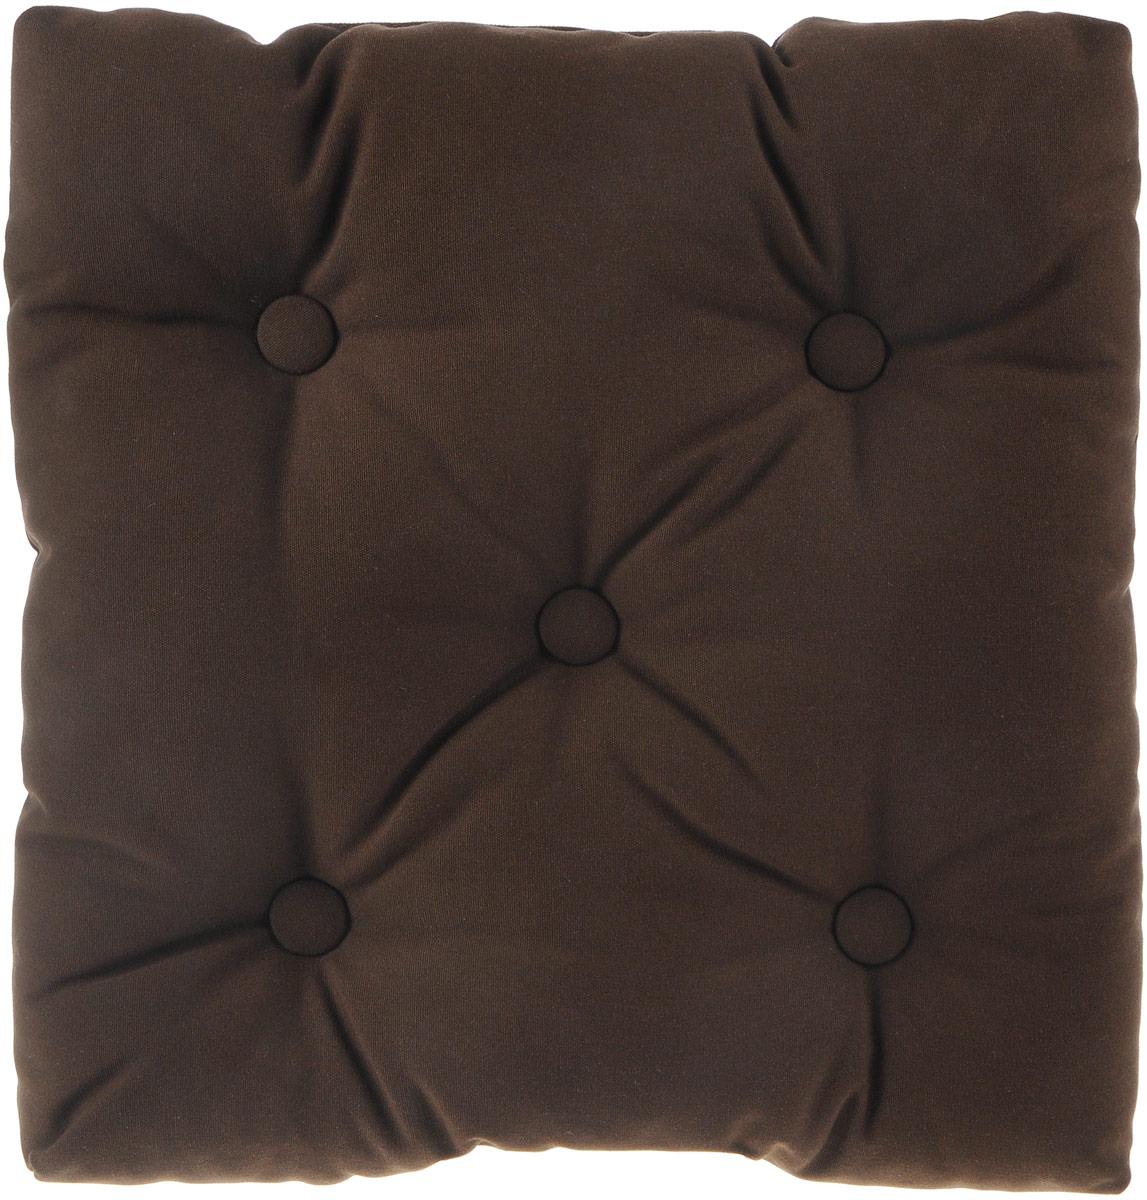 Подушка на стул KauffOrt Сад, цвет: коричневый, 40 x 40 смVT-1520(SR)Подушка на стул KauffOrt Сад не только красиво дополнит интерьер кухни, но и обеспечит комфорт при сидении. Изделие выполнено из материалов высокого качества. Подушка легко крепится на стул с помощью завязок. Правильно сидеть - значит сохранить здоровье на долгие годы. Жесткие сидения подвергают наше здоровье опасности. Подушка с мягким наполнителем поможет предотвратить большинство нежелательных последствий сидячего образа жизни.Толщина подушки: 10 см.